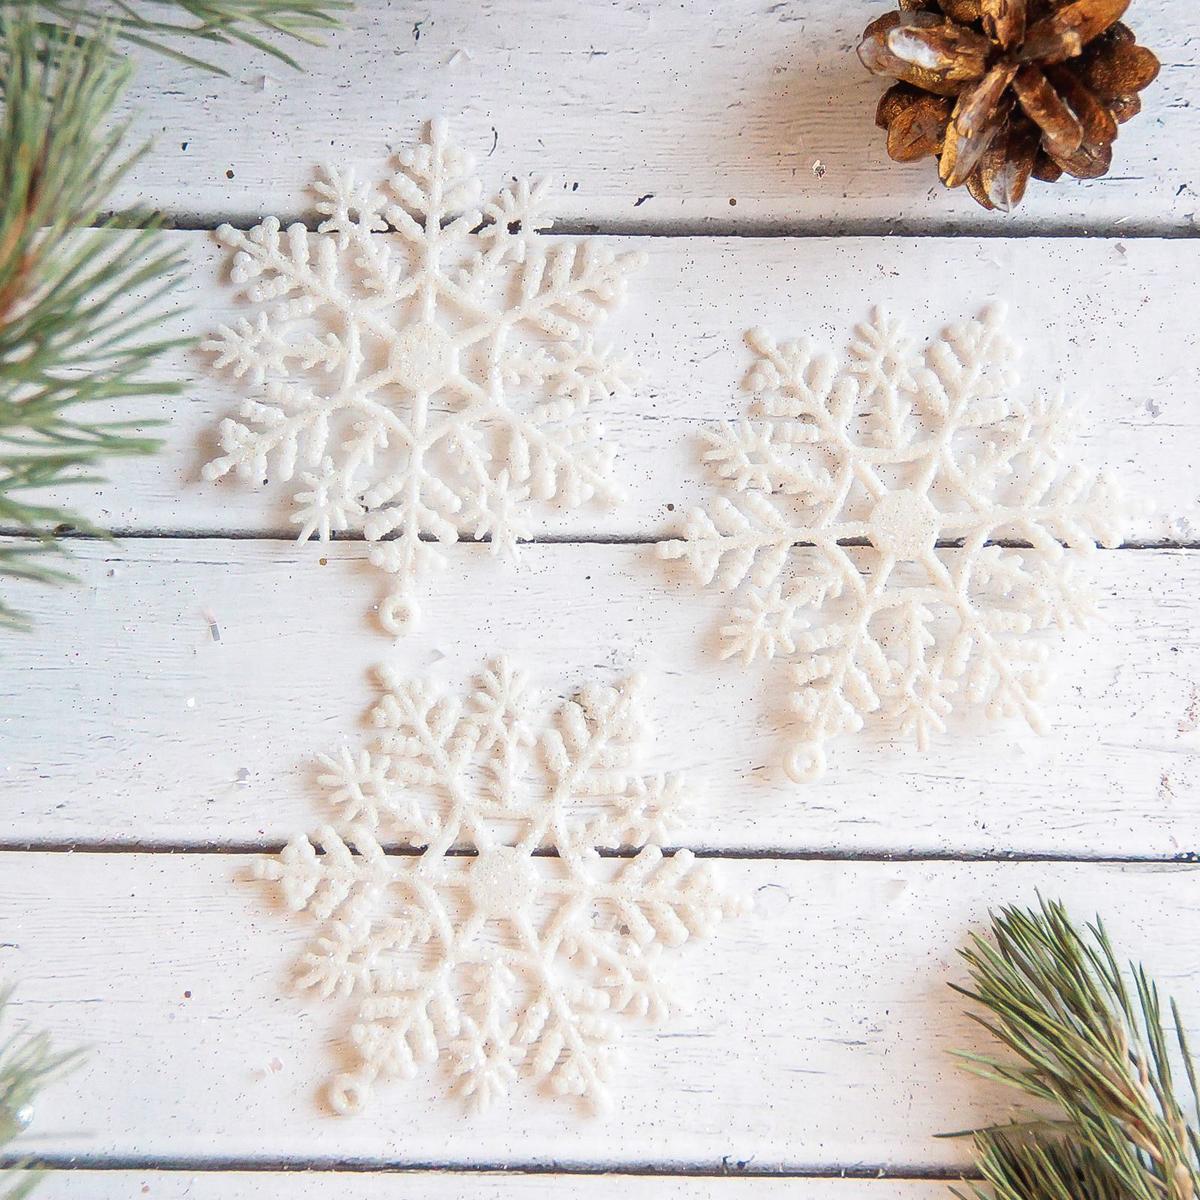 Украшение новогоднее елочное Sima-land Белая снежинка, 7 см, 3 шт2371292Невозможно представить нашу жизнь без праздников! Мы всегда ждём их и предвкушаем, обдумываем, как проведём памятный день, тщательно выбираем подарки и аксессуары, ведь именно они создают и поддерживают торжественный настрой.